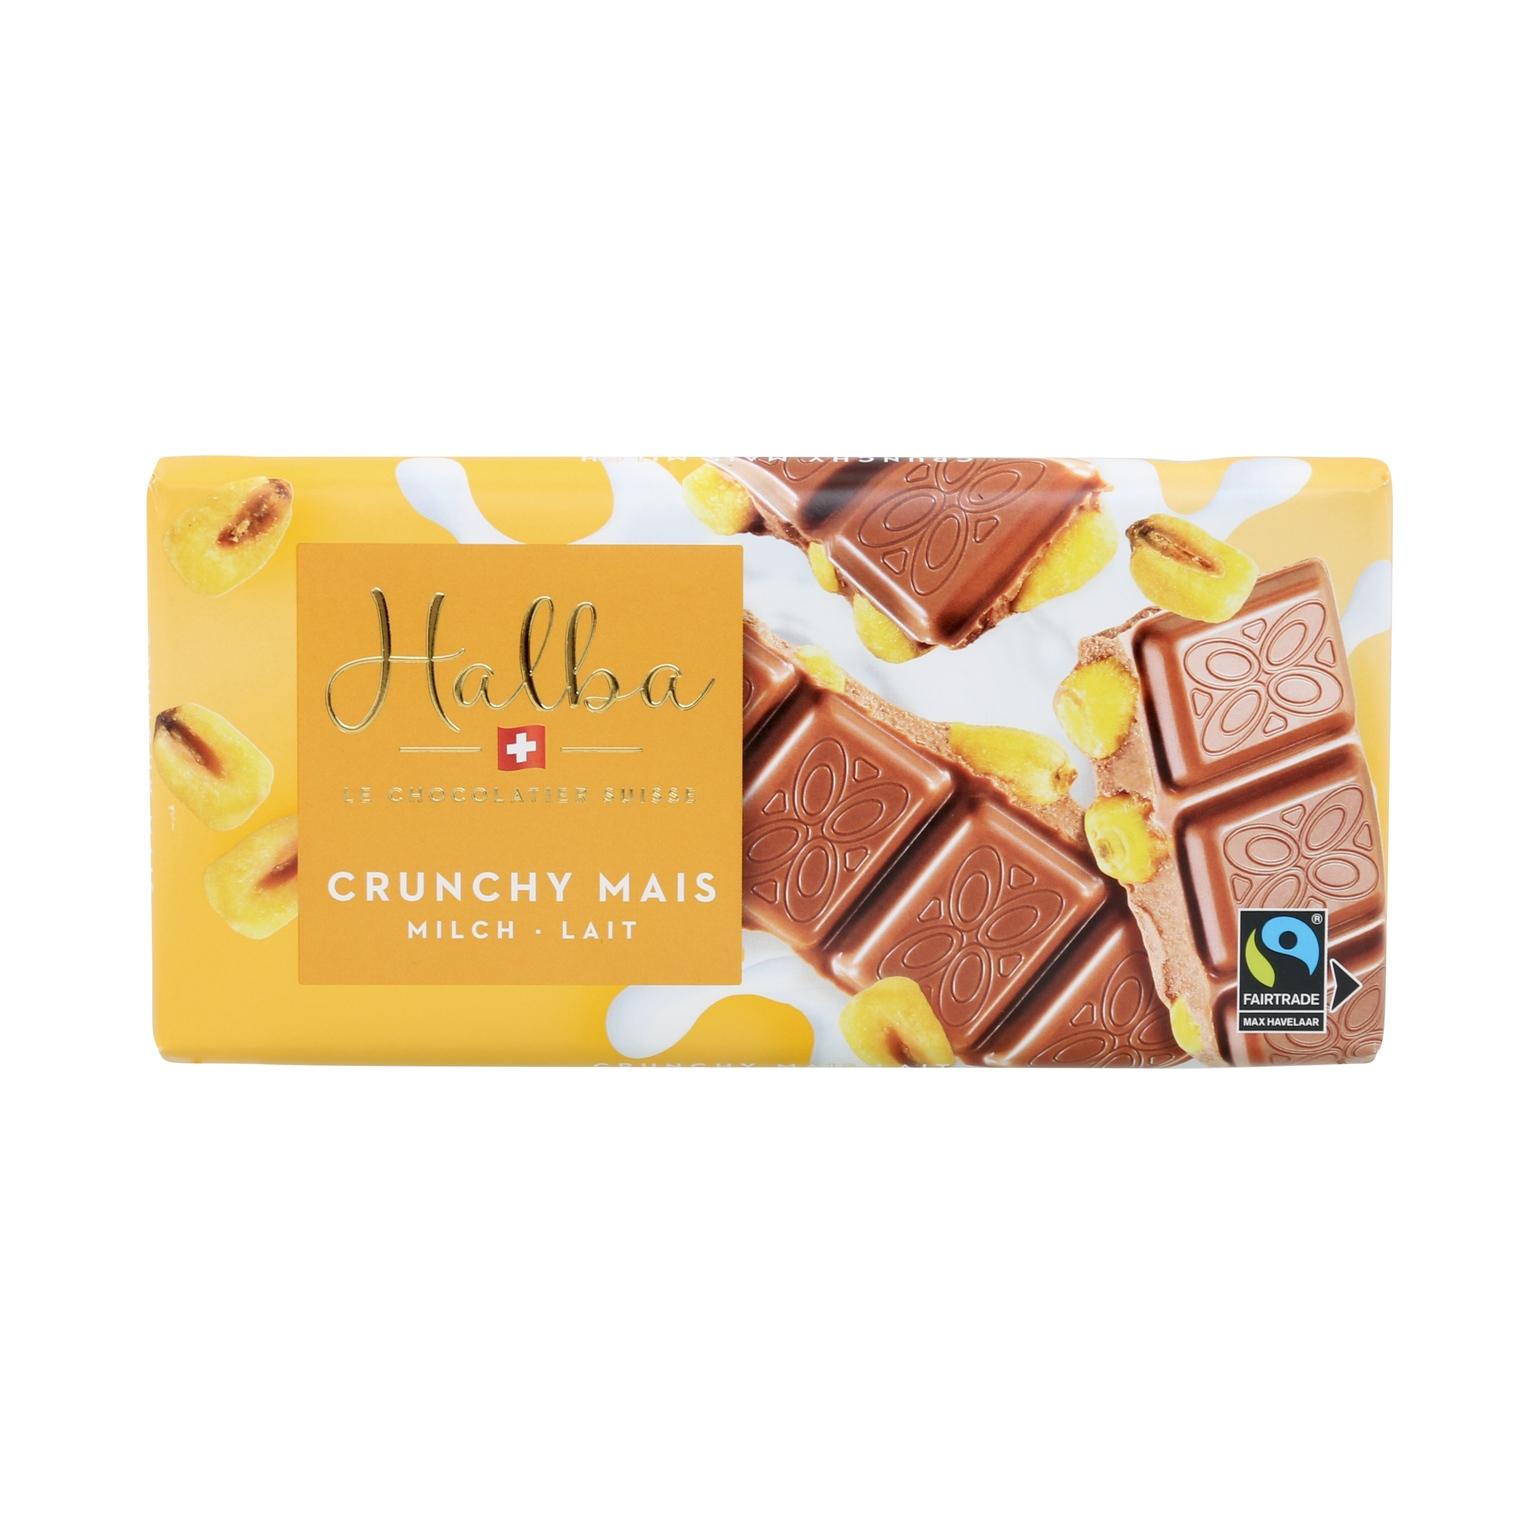 Schweizer Milchschokolade mit gesalzenem Mais